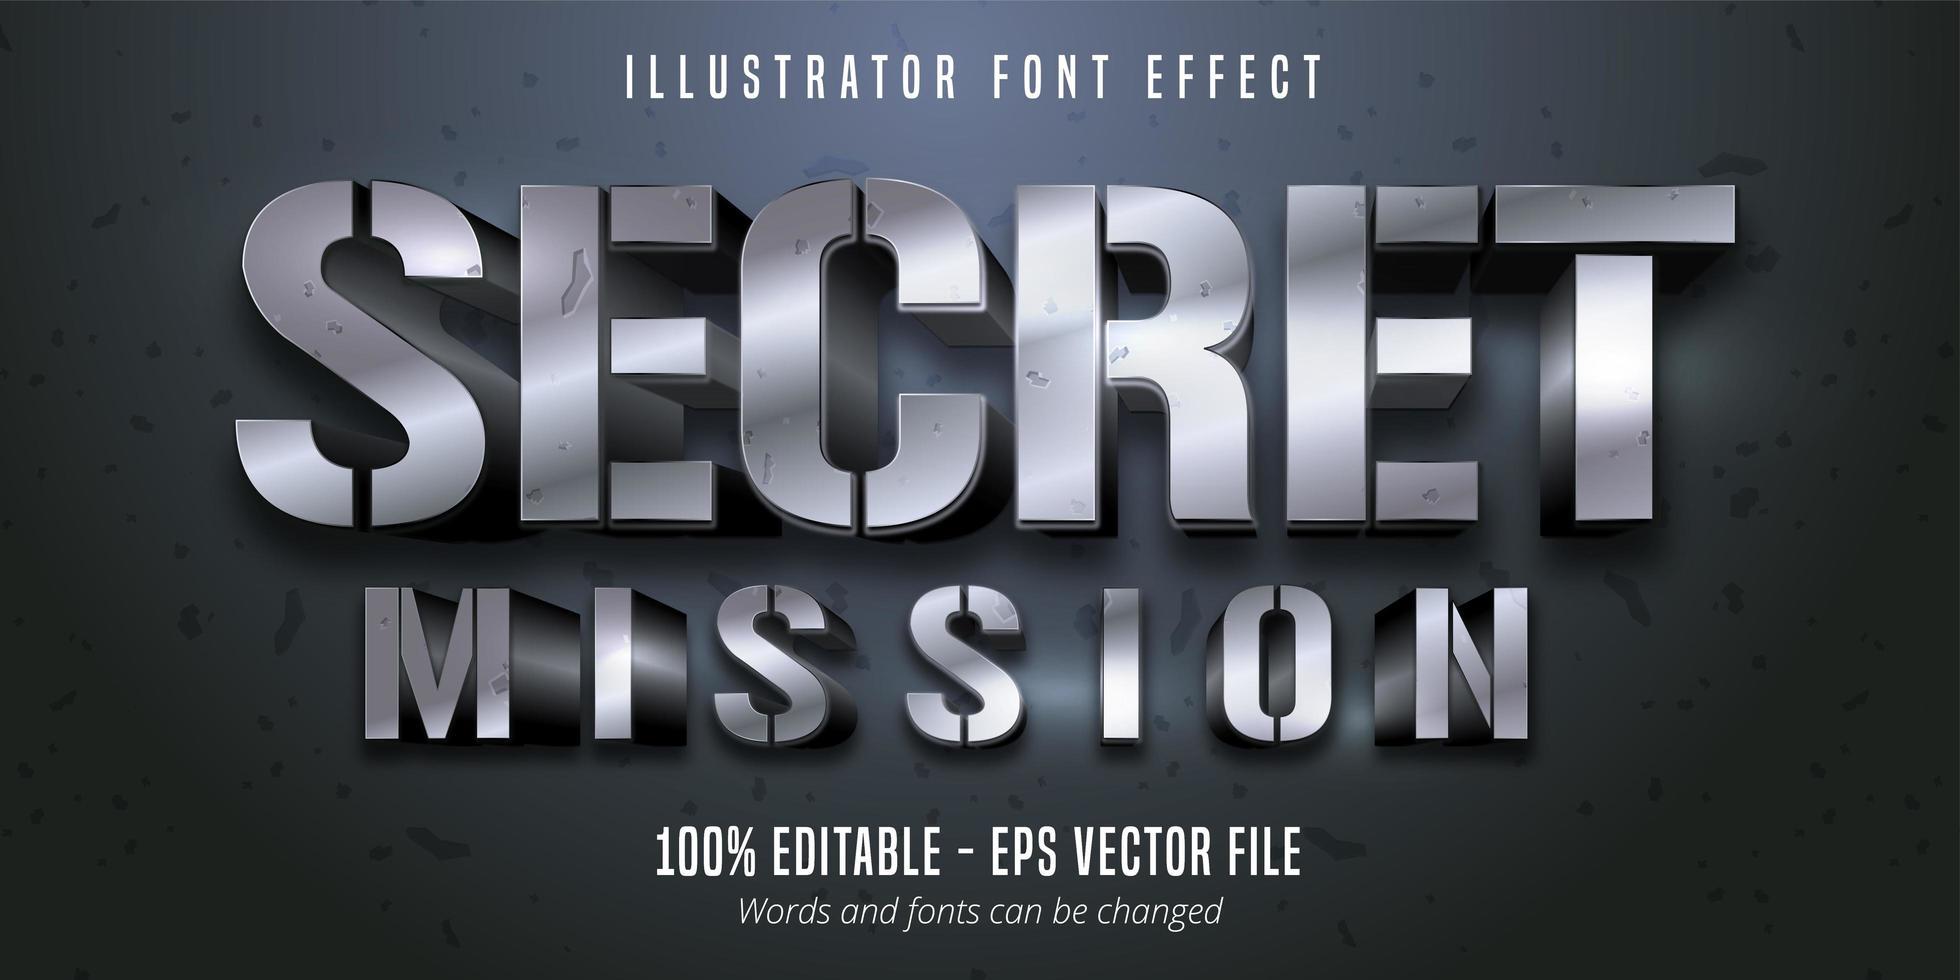 texte de la mission secrète, effet de police modifiable style argent métallique 3d vecteur